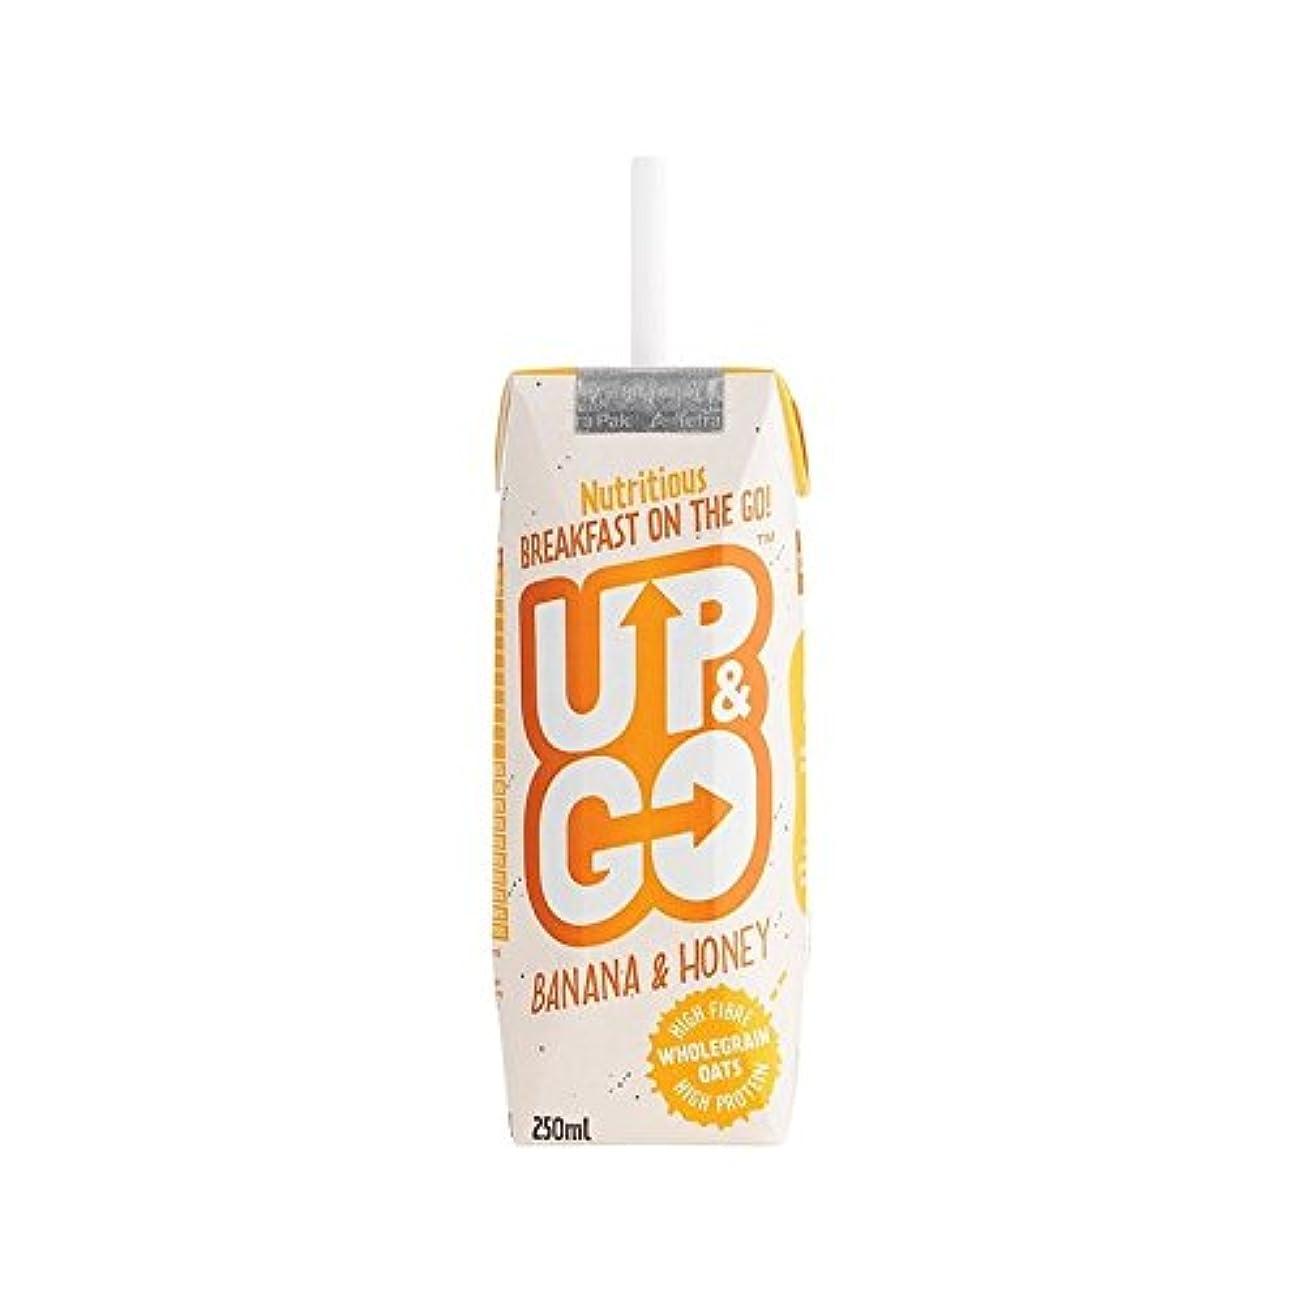 立派なスキップ落花生オート麦の250ミリリットルとバナナ&ハニー朝食ドリンク (Up&Go) - Up&Go Banana & Honey Breakfast Drink with Oats 250ml [並行輸入品]